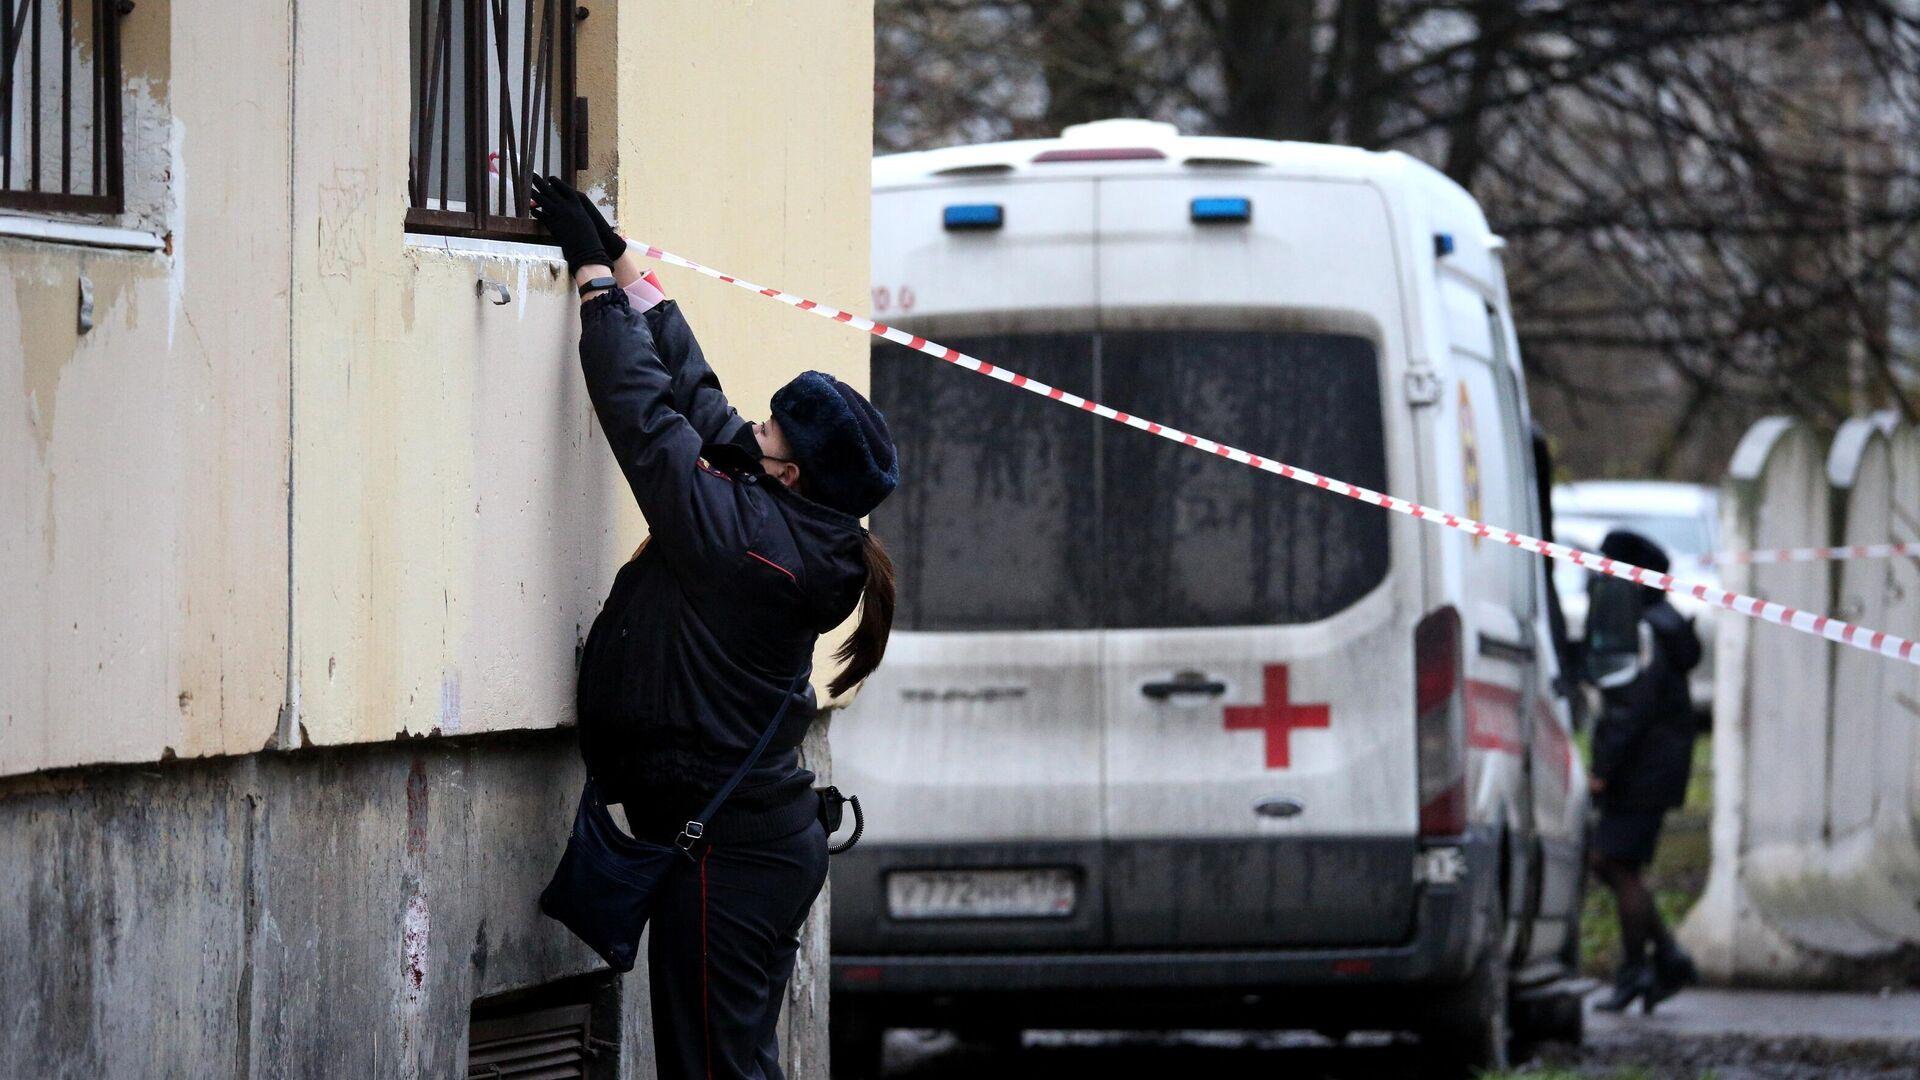 Сотрудница полиции натягивает оградительную ленту у жилого дома в городе Колпино Ленинградской области, где мужчина держит в заложниках детей в квартире - РИА Новости, 1920, 25.11.2020